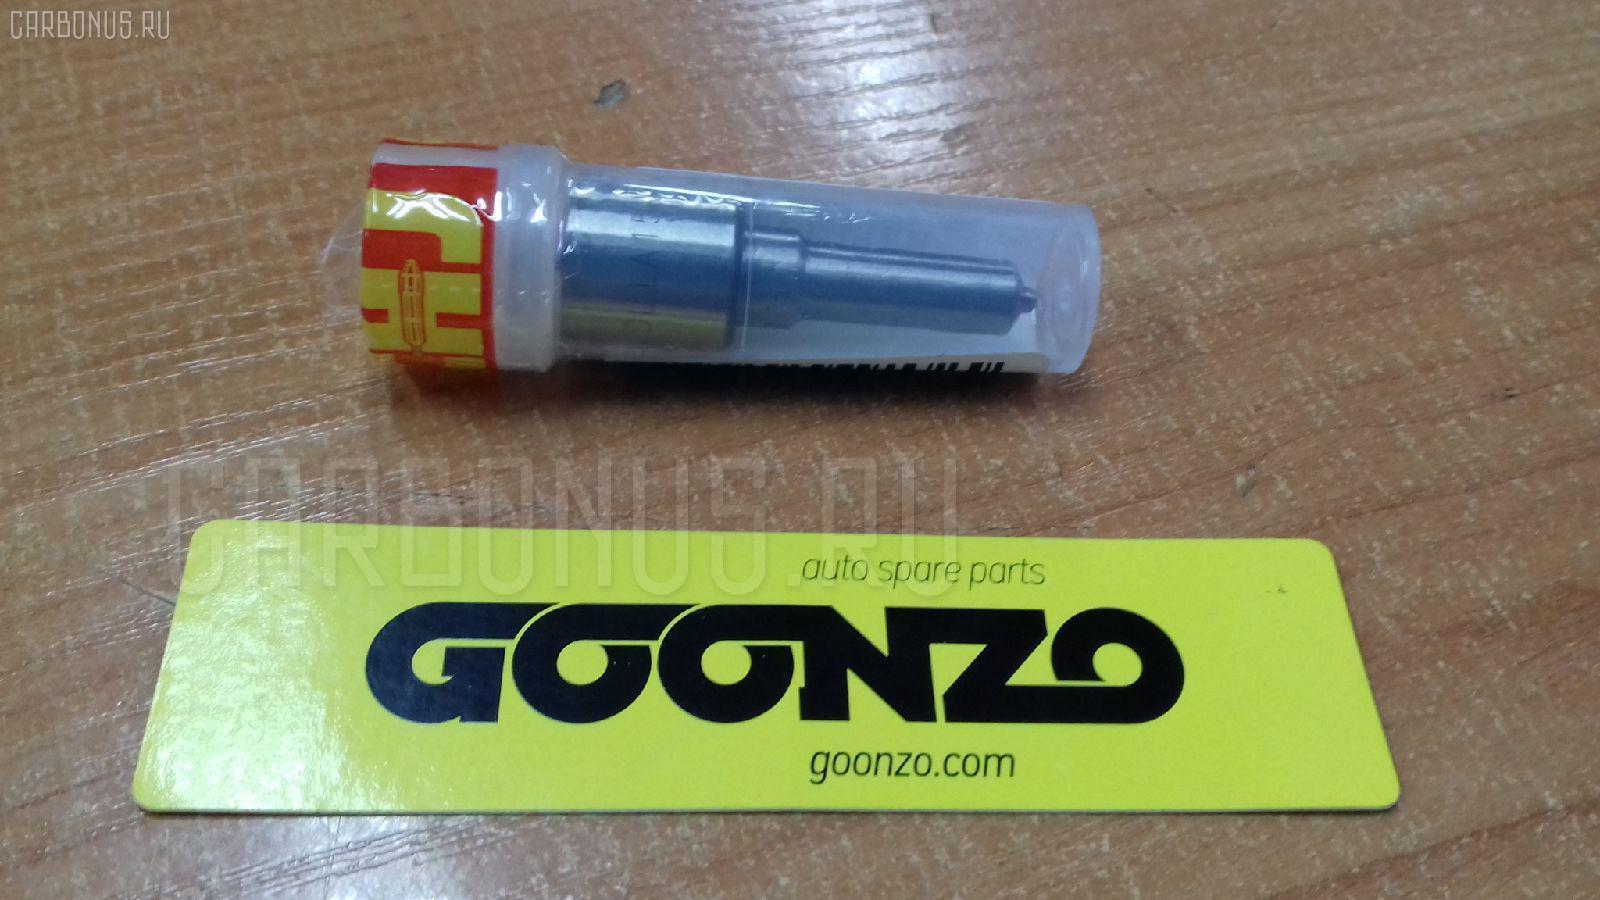 Распылитель форсунки GOONZO DLLA154P002 на Bosch Фото 1